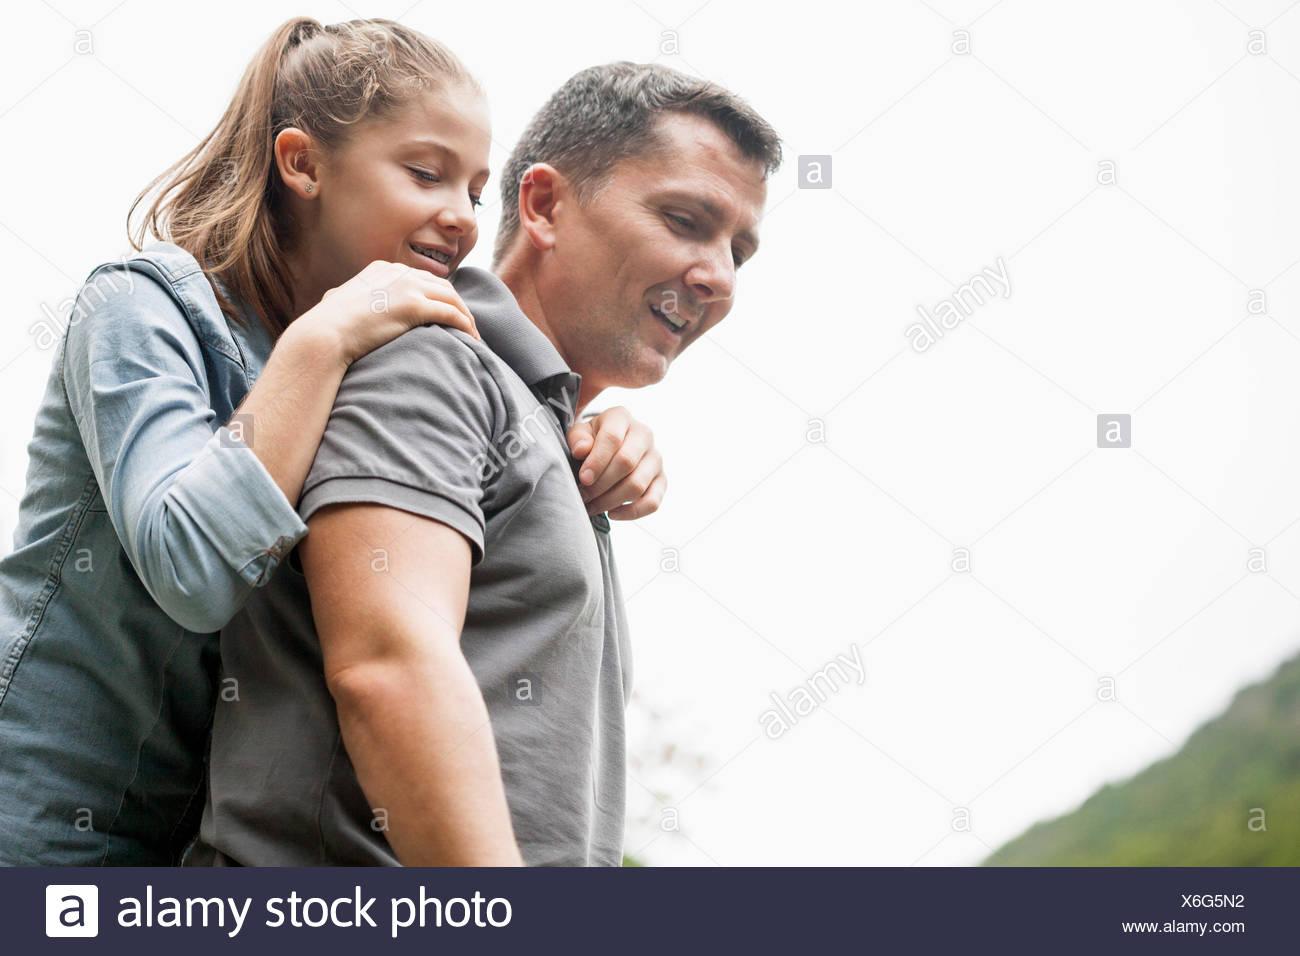 Bénéficiant d'un père et sa fille dans un parc Photo Stock